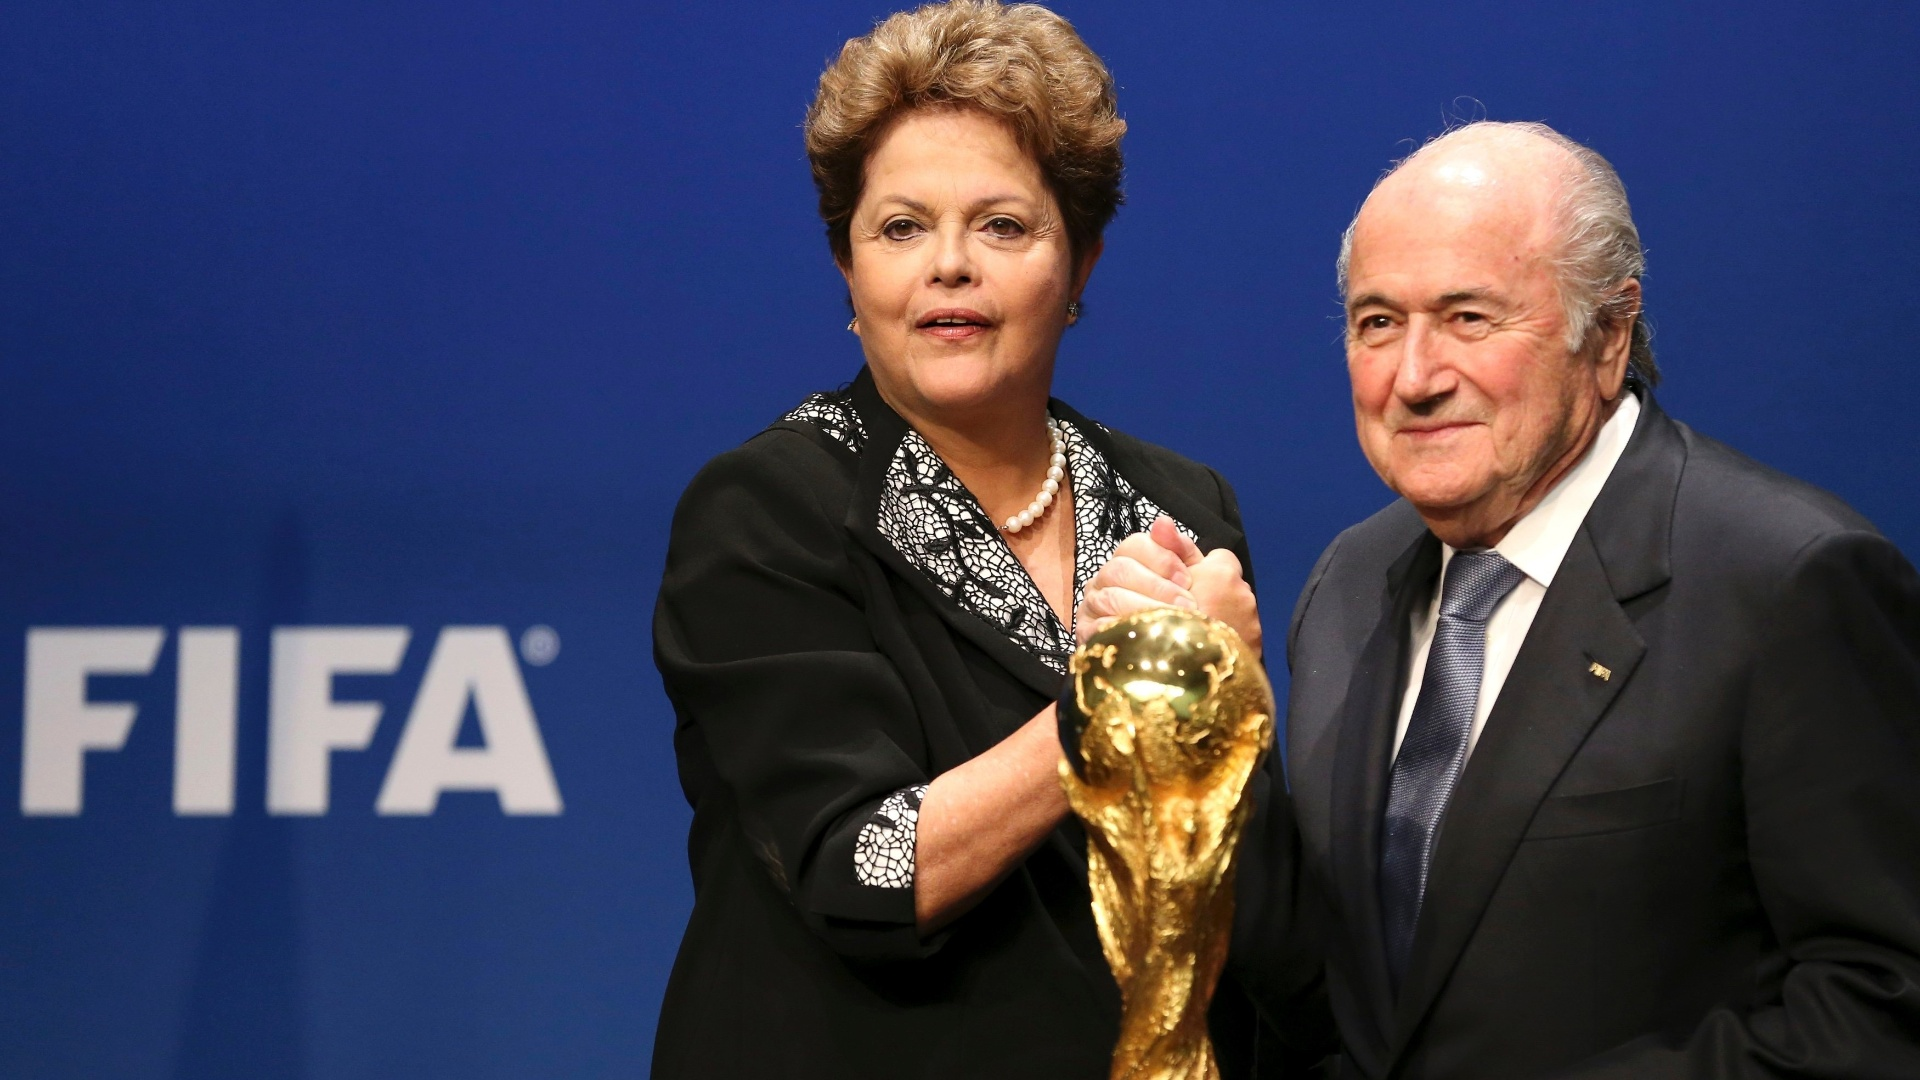 Para quê serviu a Copa do Mundo no Brasil?